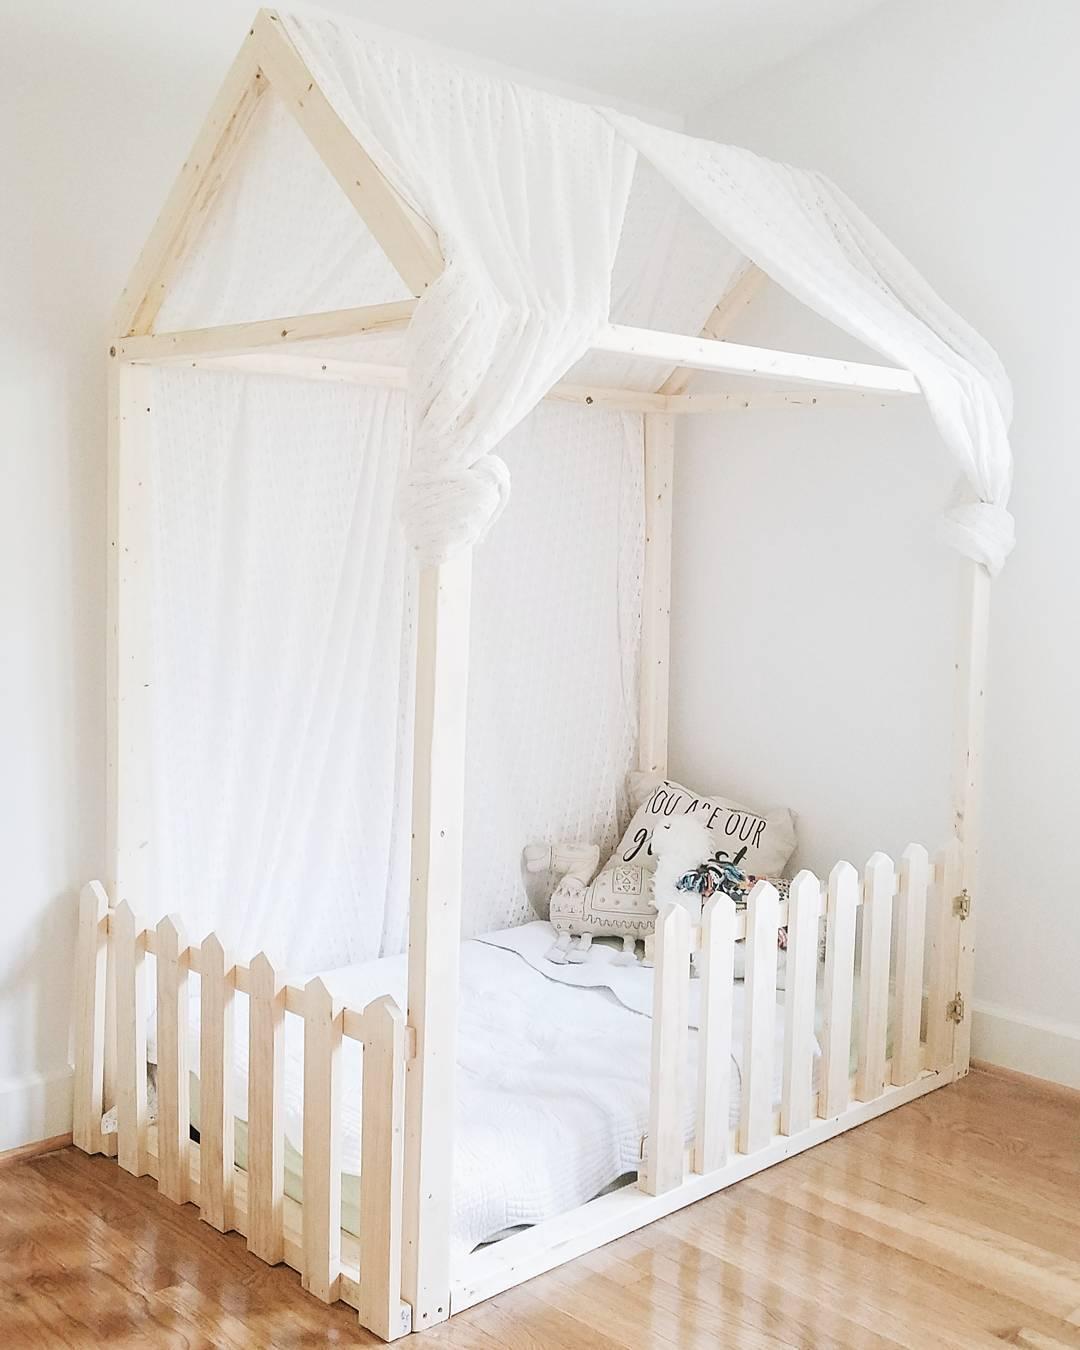 Cortina de voal para cobrir a cama